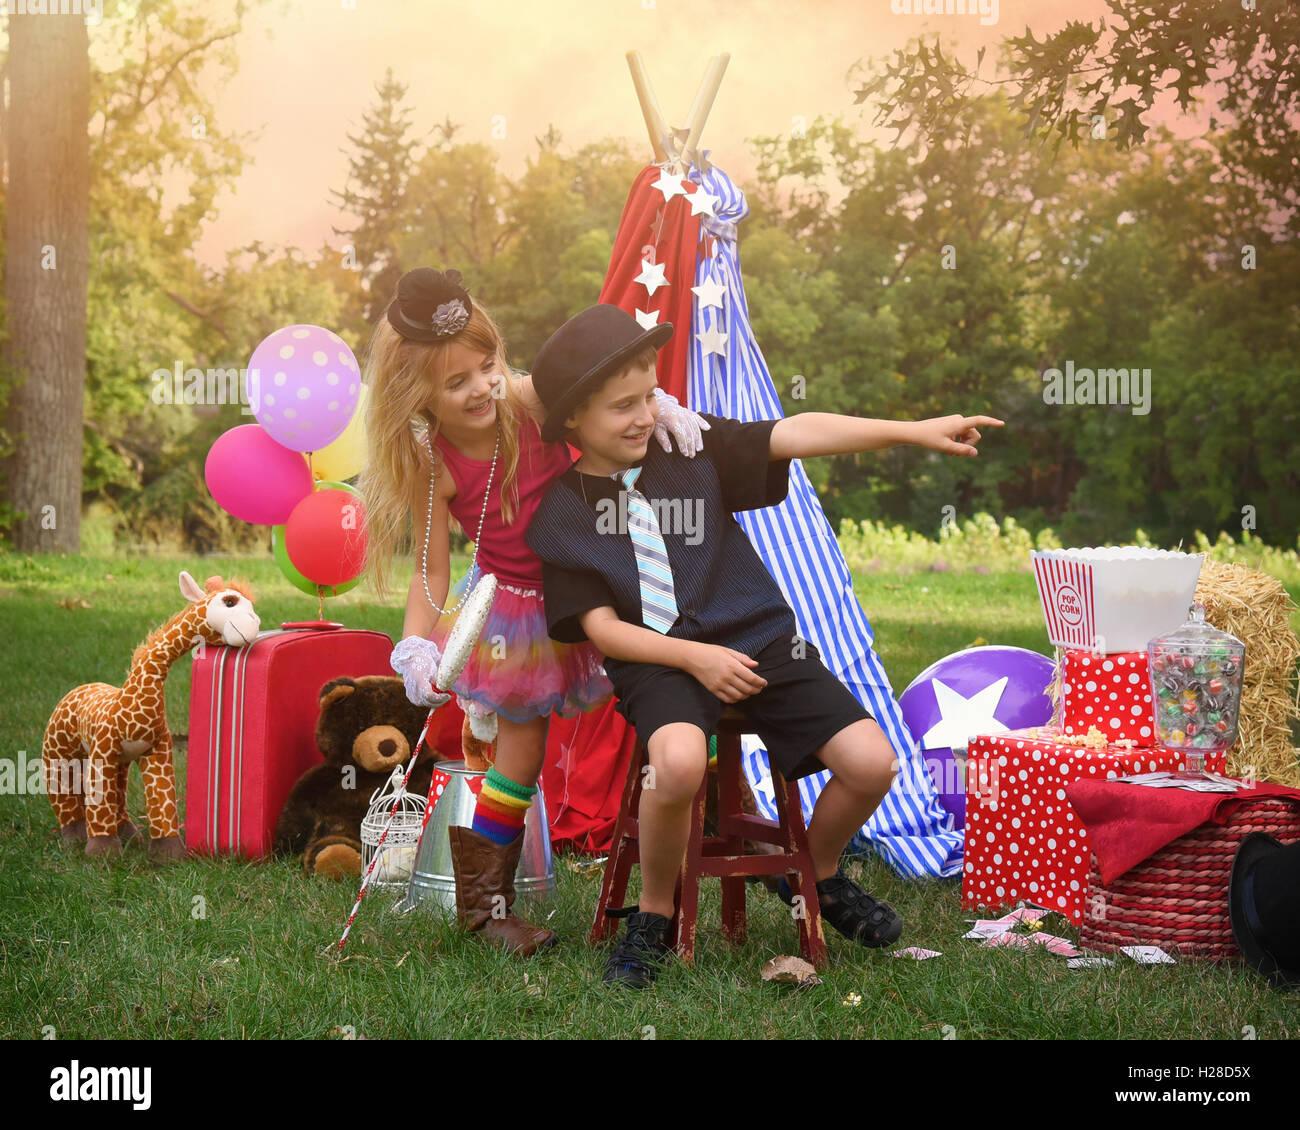 Dos niños están jugando fuera de vestirse como gente de carnaval en un circo, parte de un concepto de Imagen De Stock